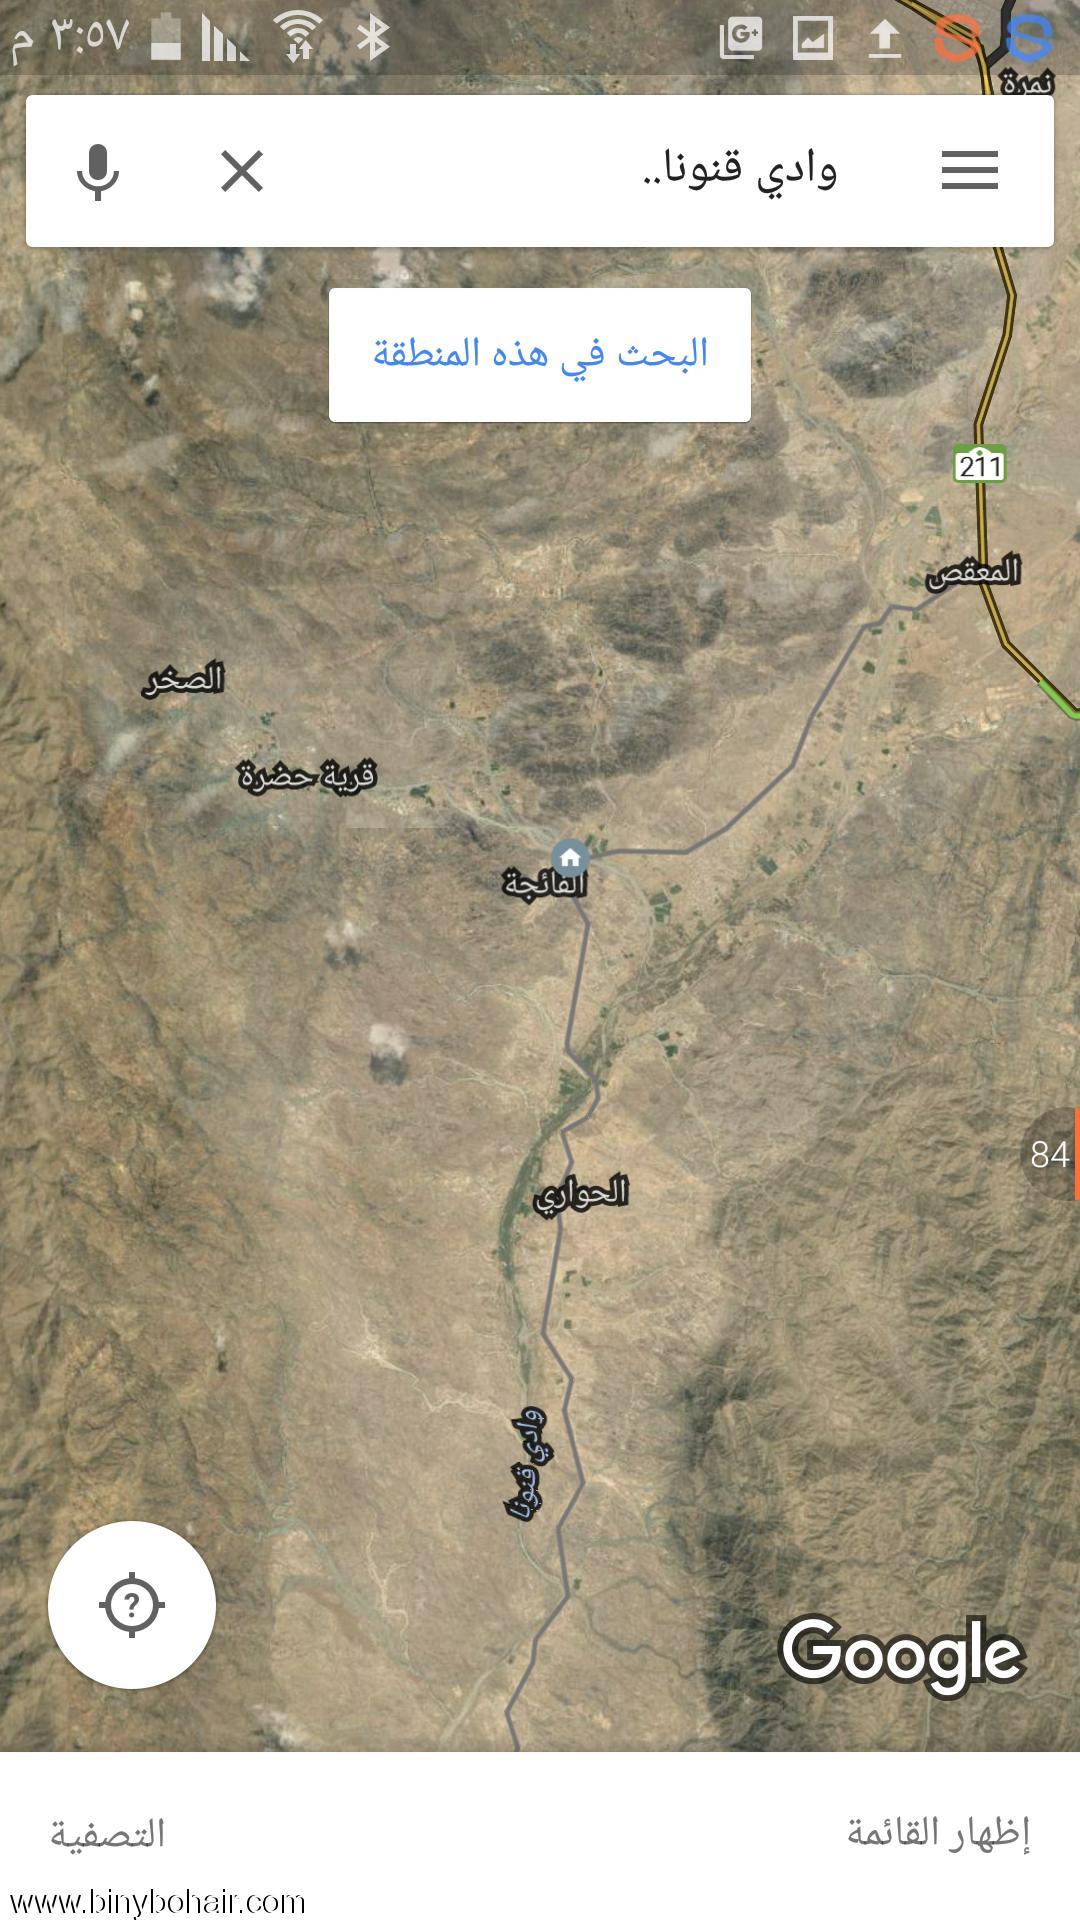 خريطة وادي قنونى ..قوقل tbx99560.png